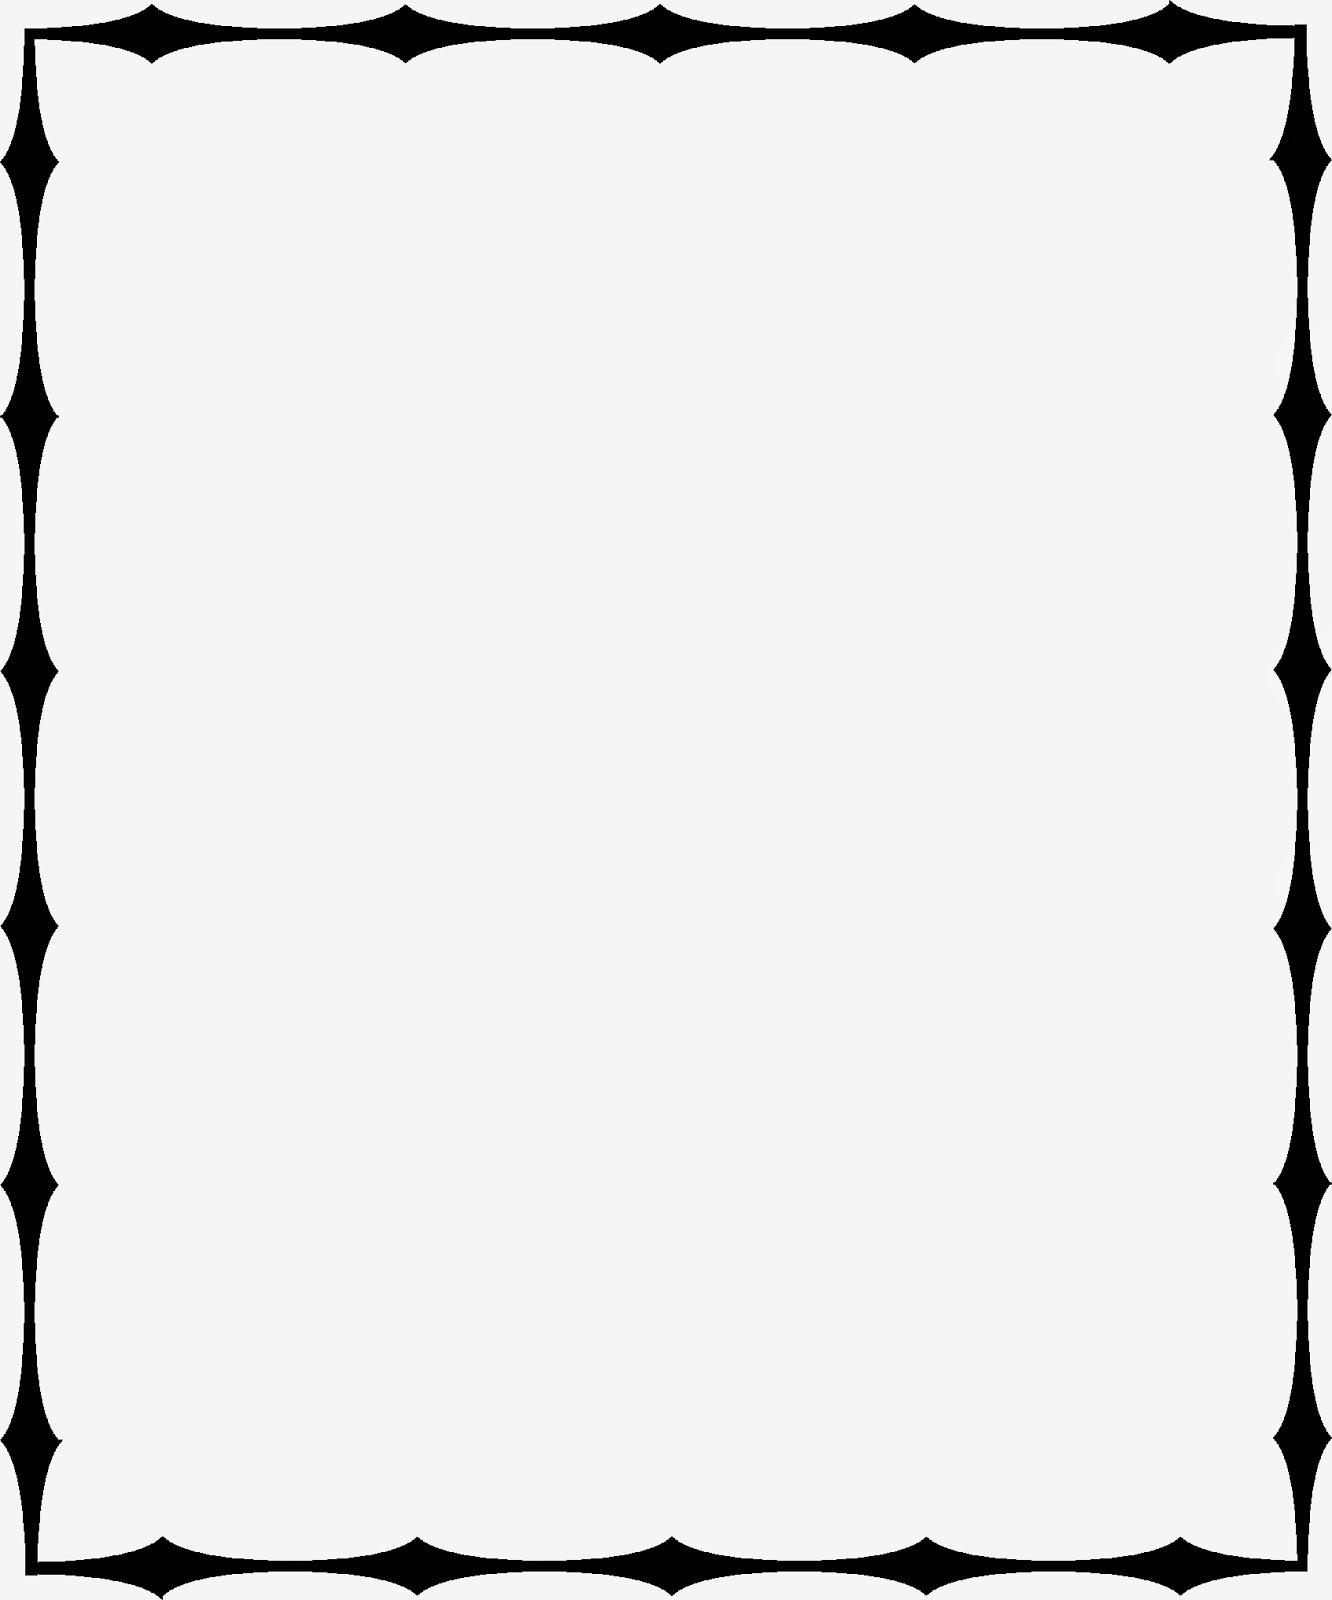 1332x1600 Native American Clipart Border